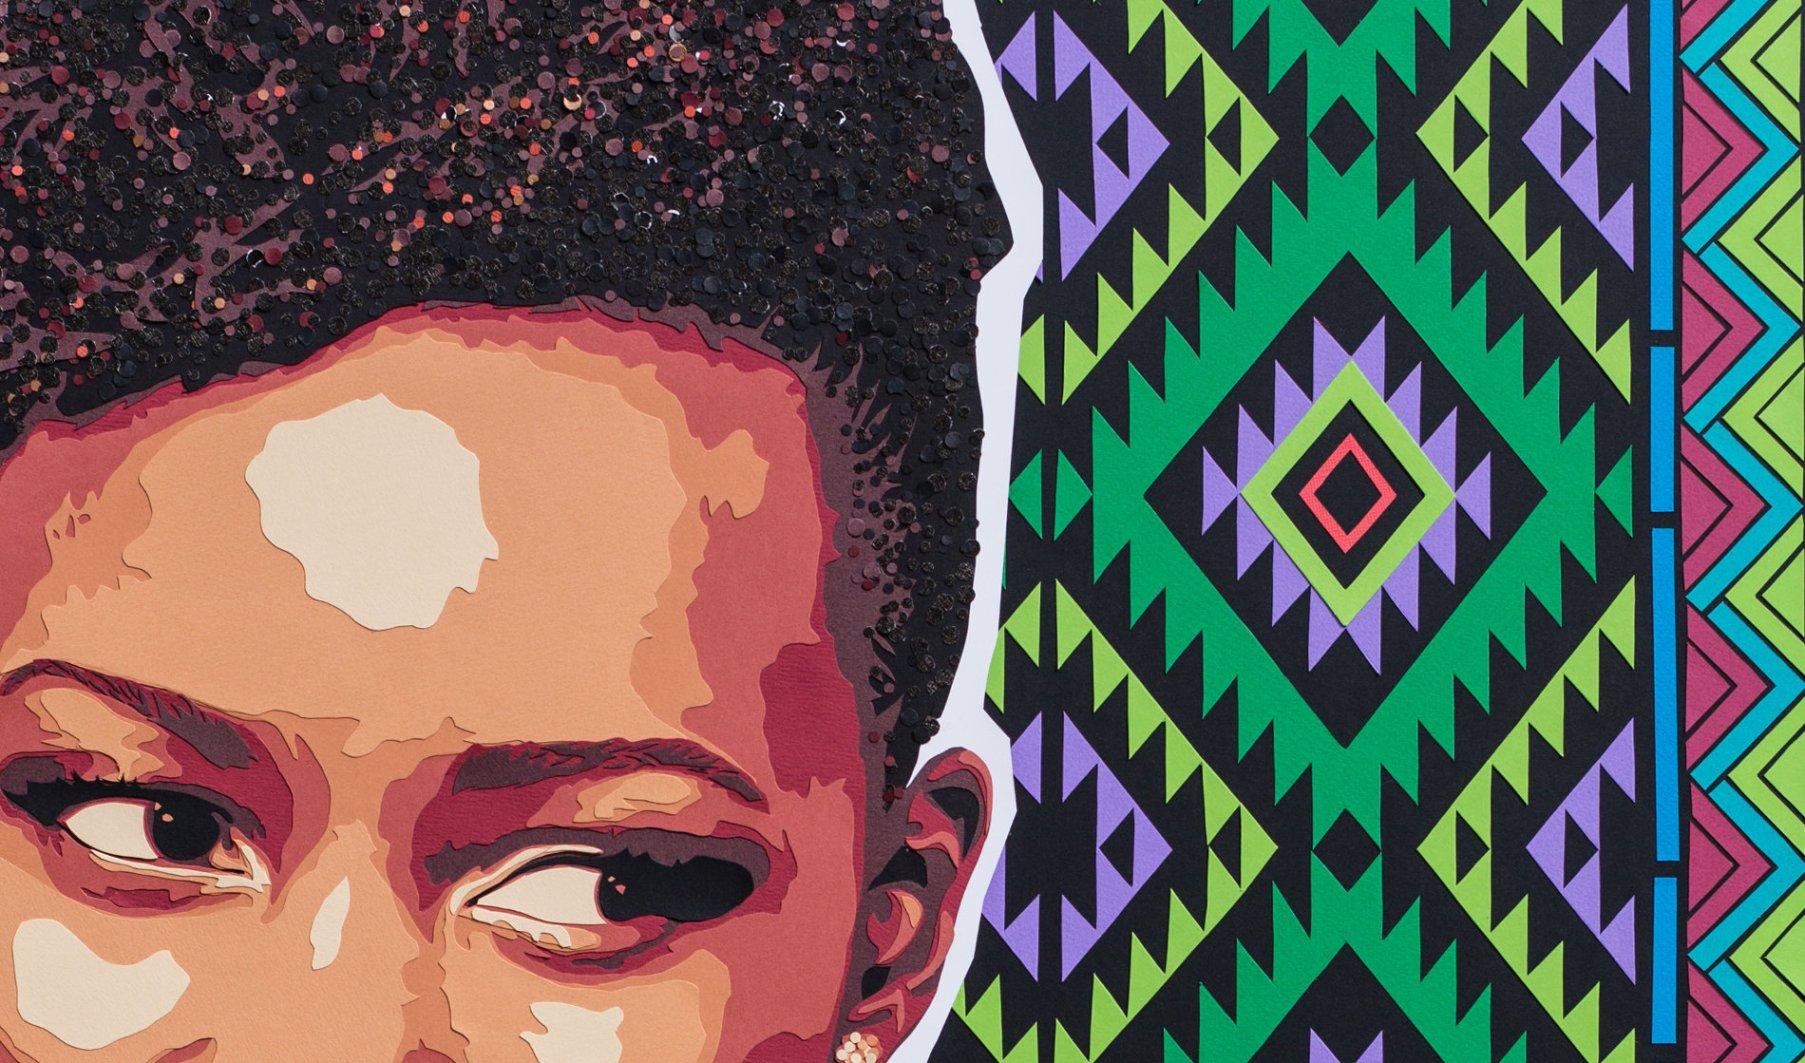 Détail visage Lupita Nyong'o actrice 12 years a slave, sur fond géométrique (Mexique, Kenya). Découpage collage Carole b